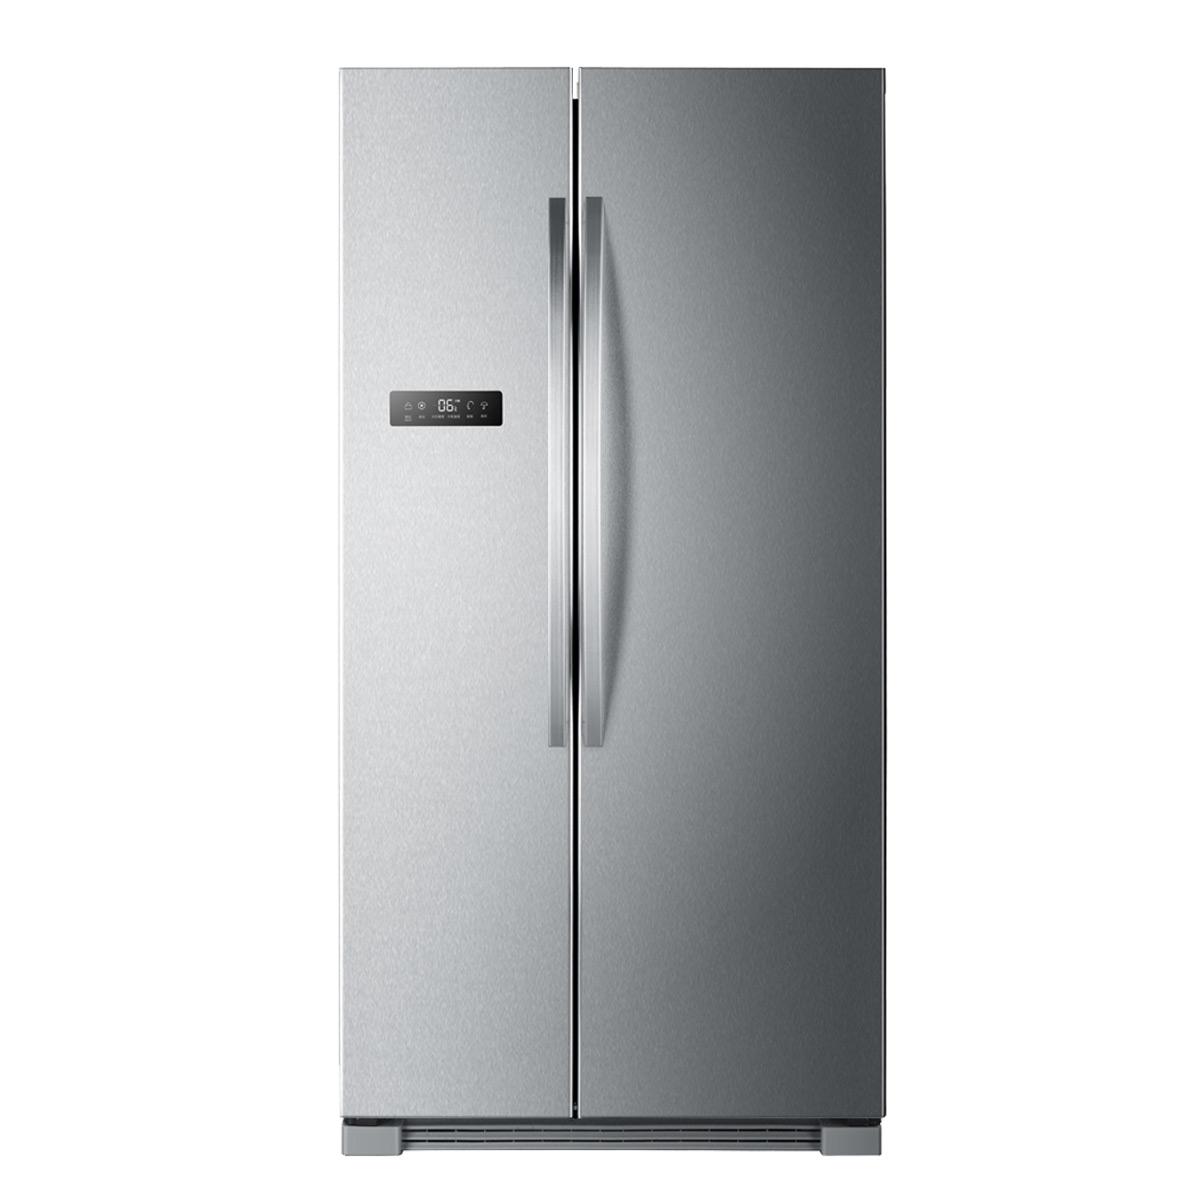 海尔Haier冰箱 BCD-648WDBE 说明书